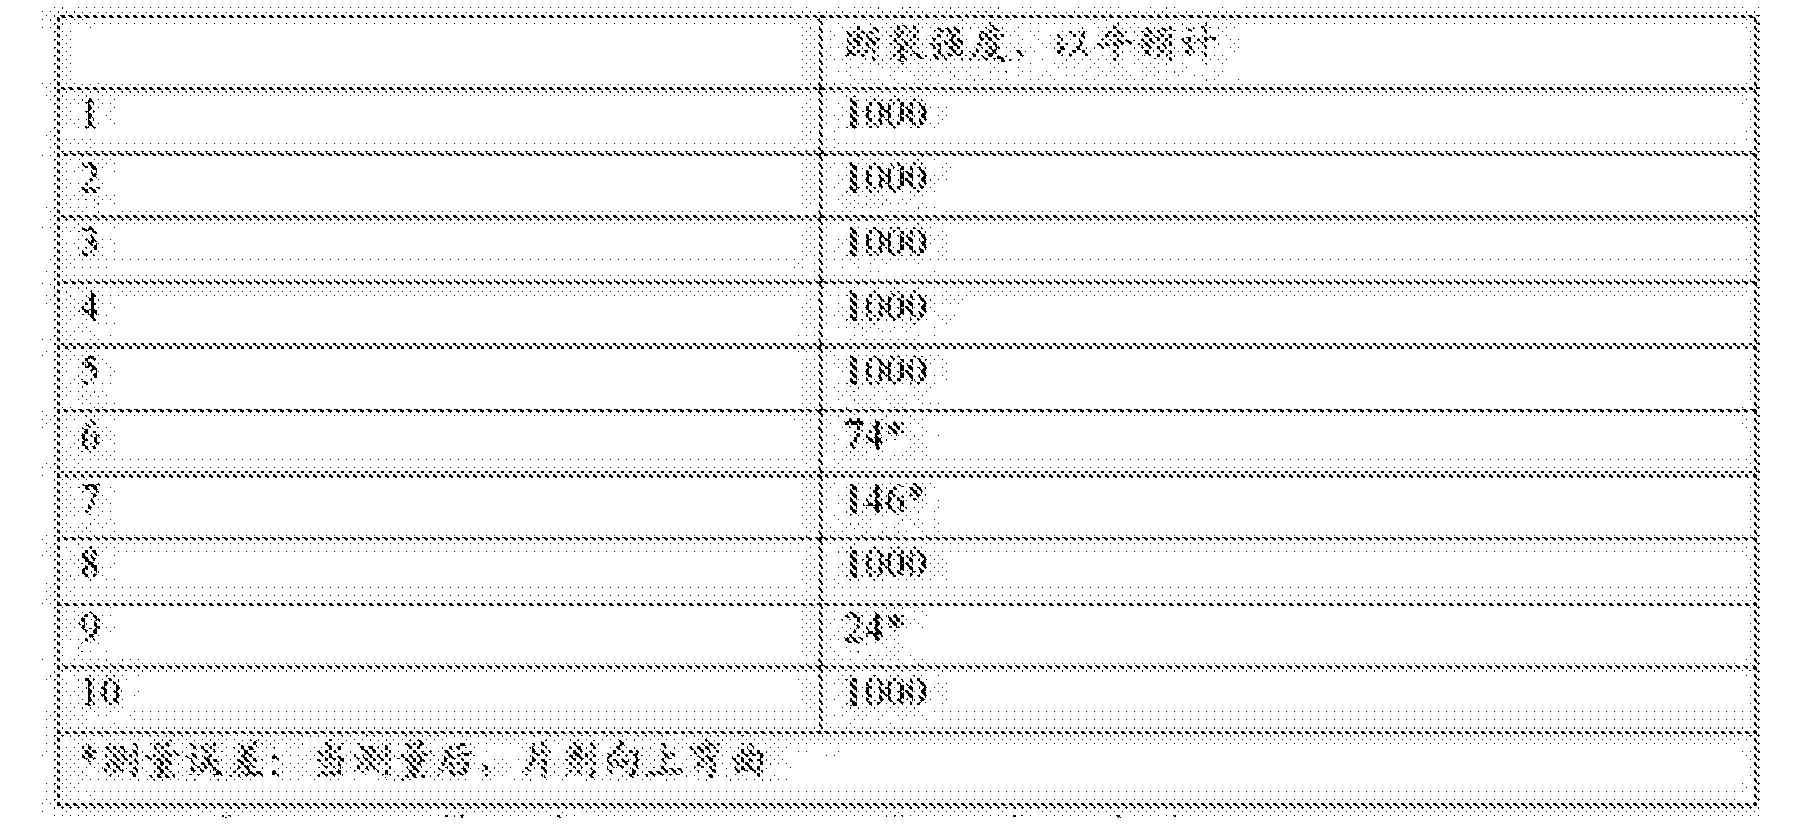 Figure CN104394851BD00601